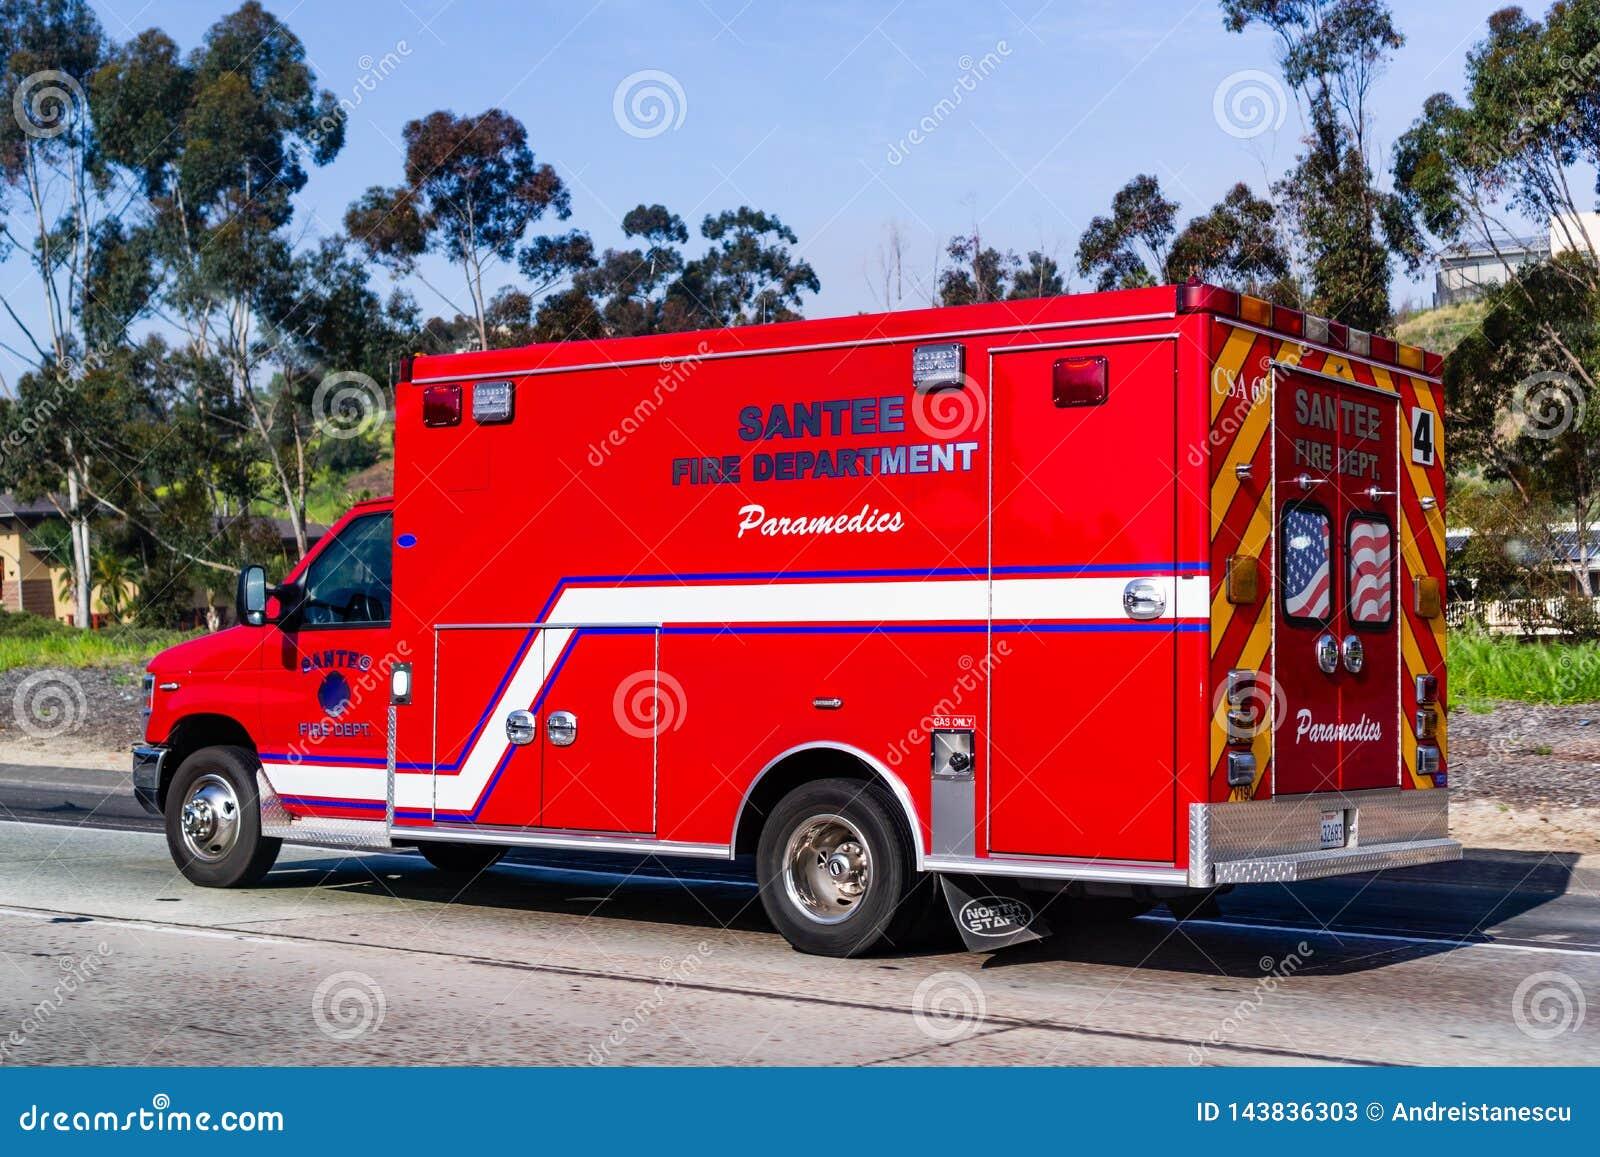 19 Μαρτίου 2019 Santee/ασβέστιο/ΗΠΑ - βάλτε φωτιά στην οδήγηση οχημάτων Deparment Paramedics σε μια οδό